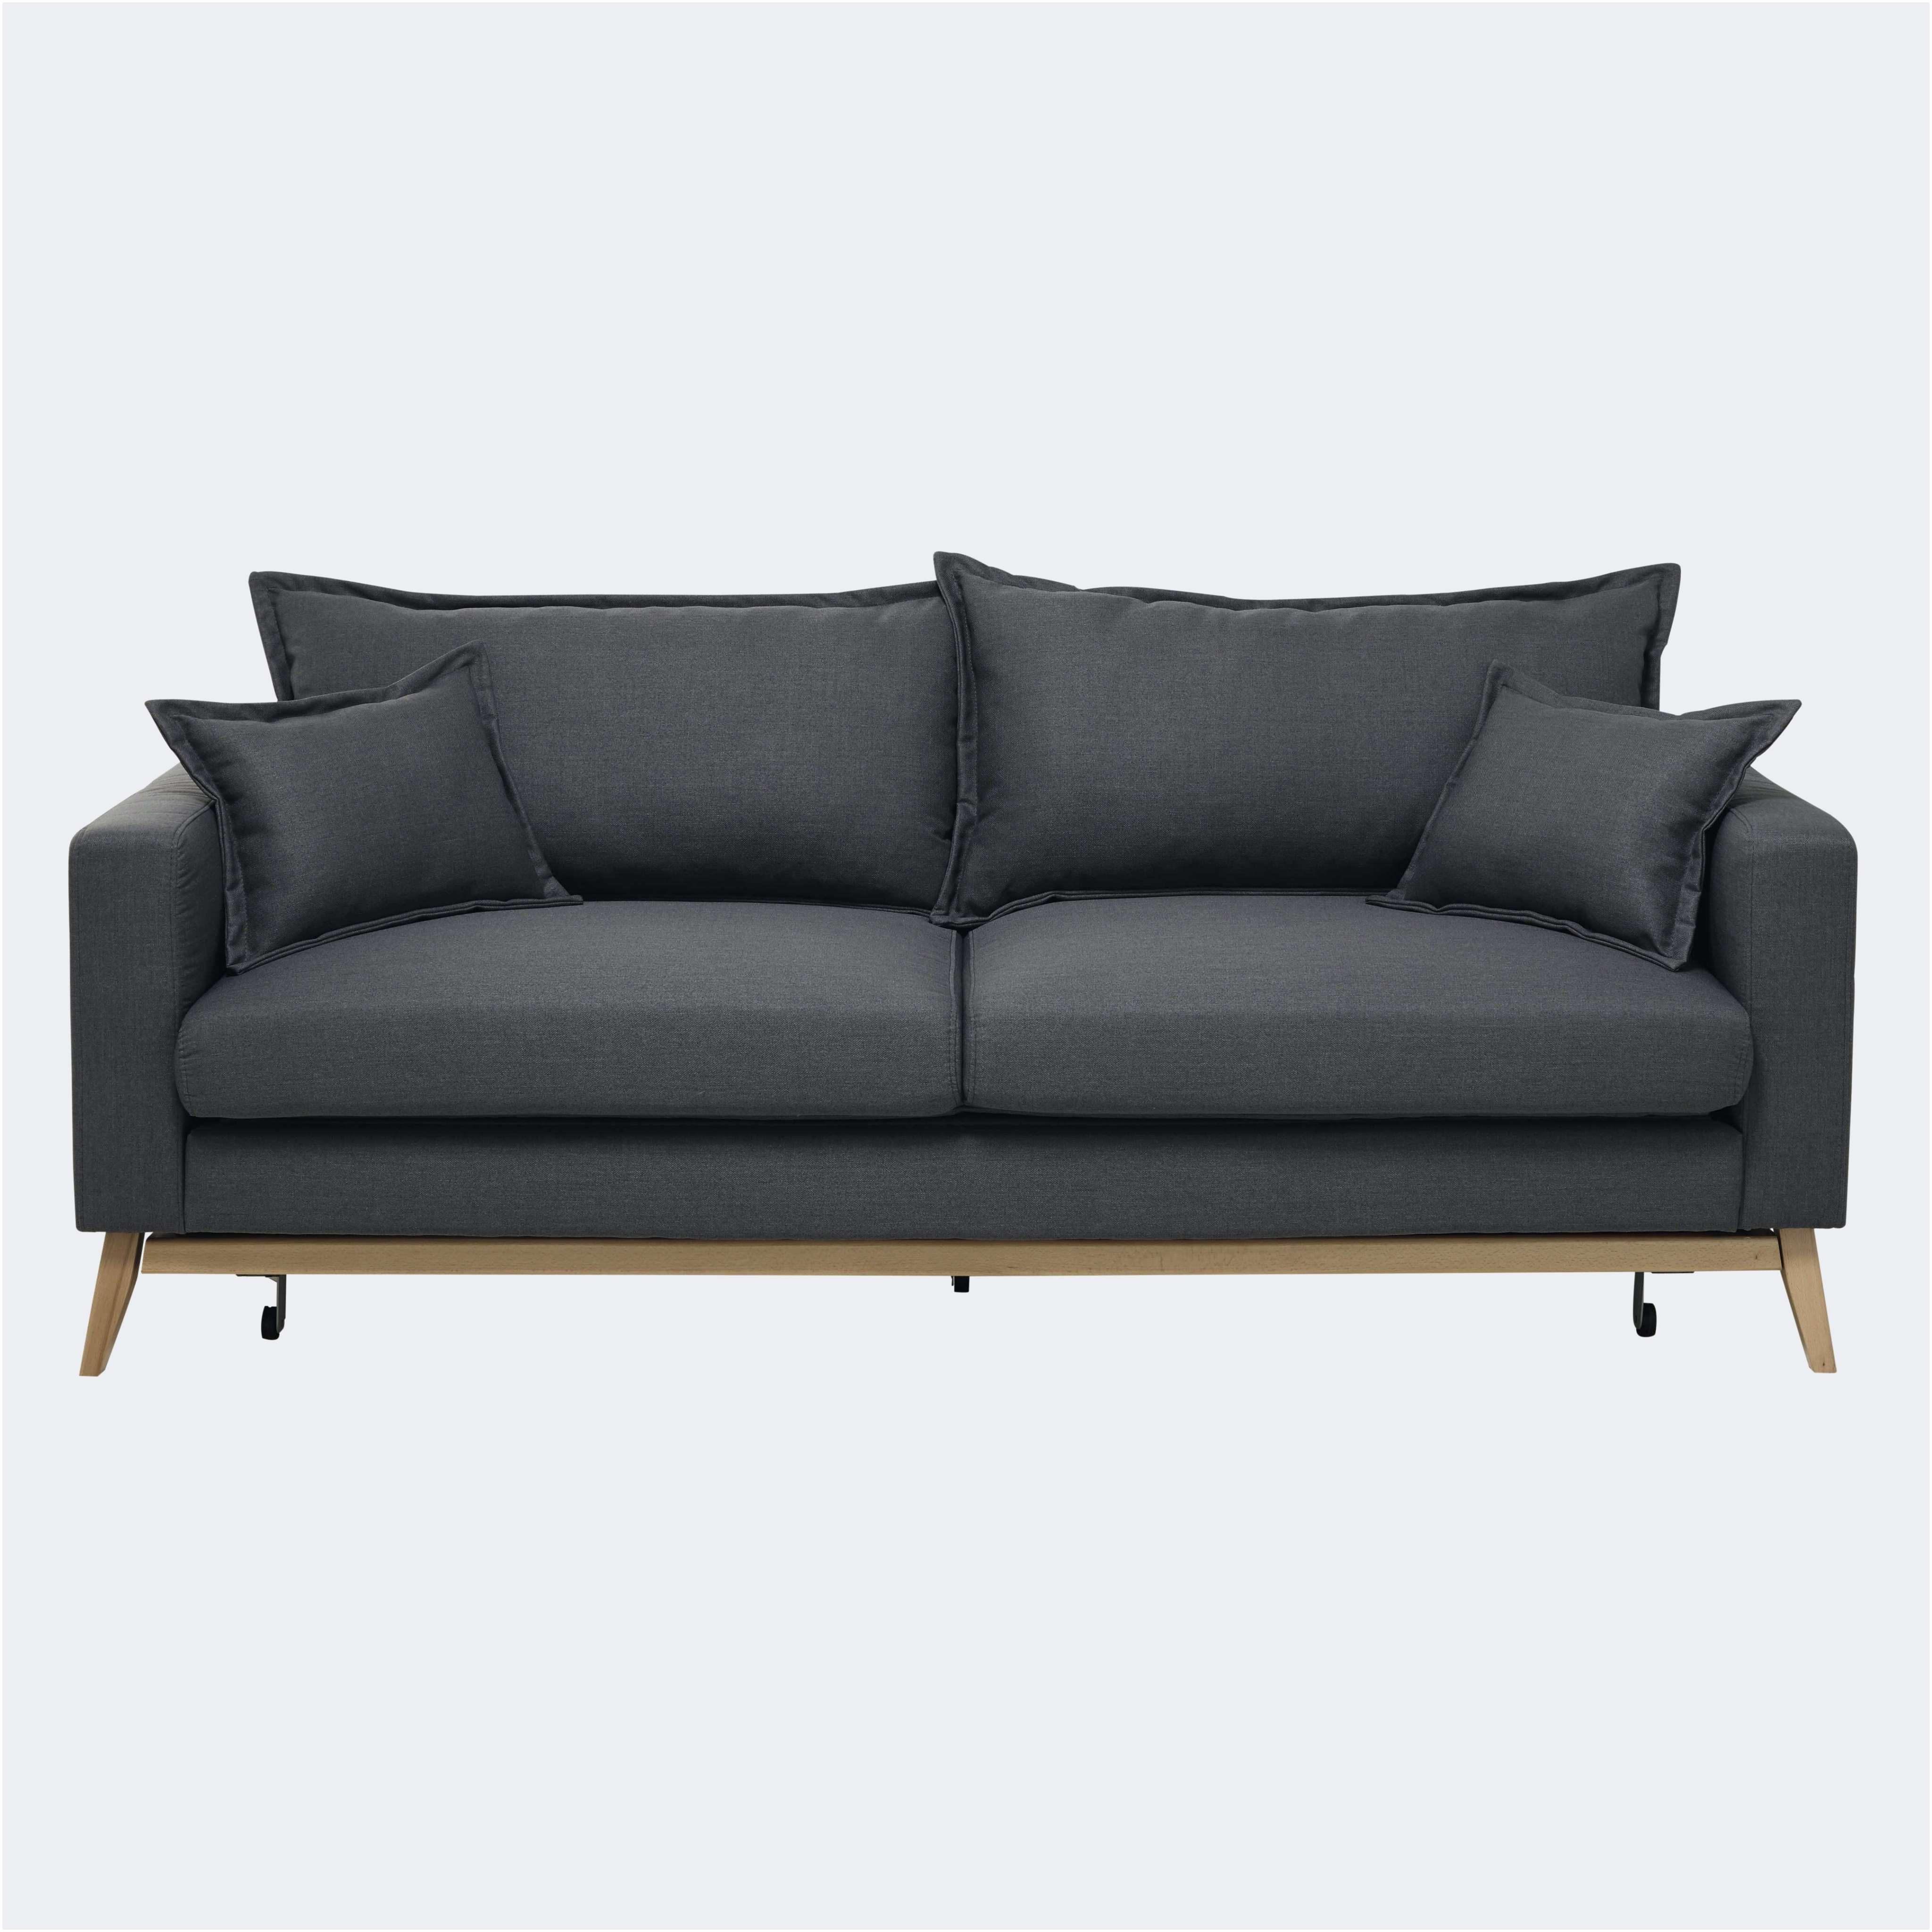 Lit Mezzanine Gris Inspirant Inspiré Canape 2 Places Ikea Lit Mezzanine Bureau Ikea Inspirational